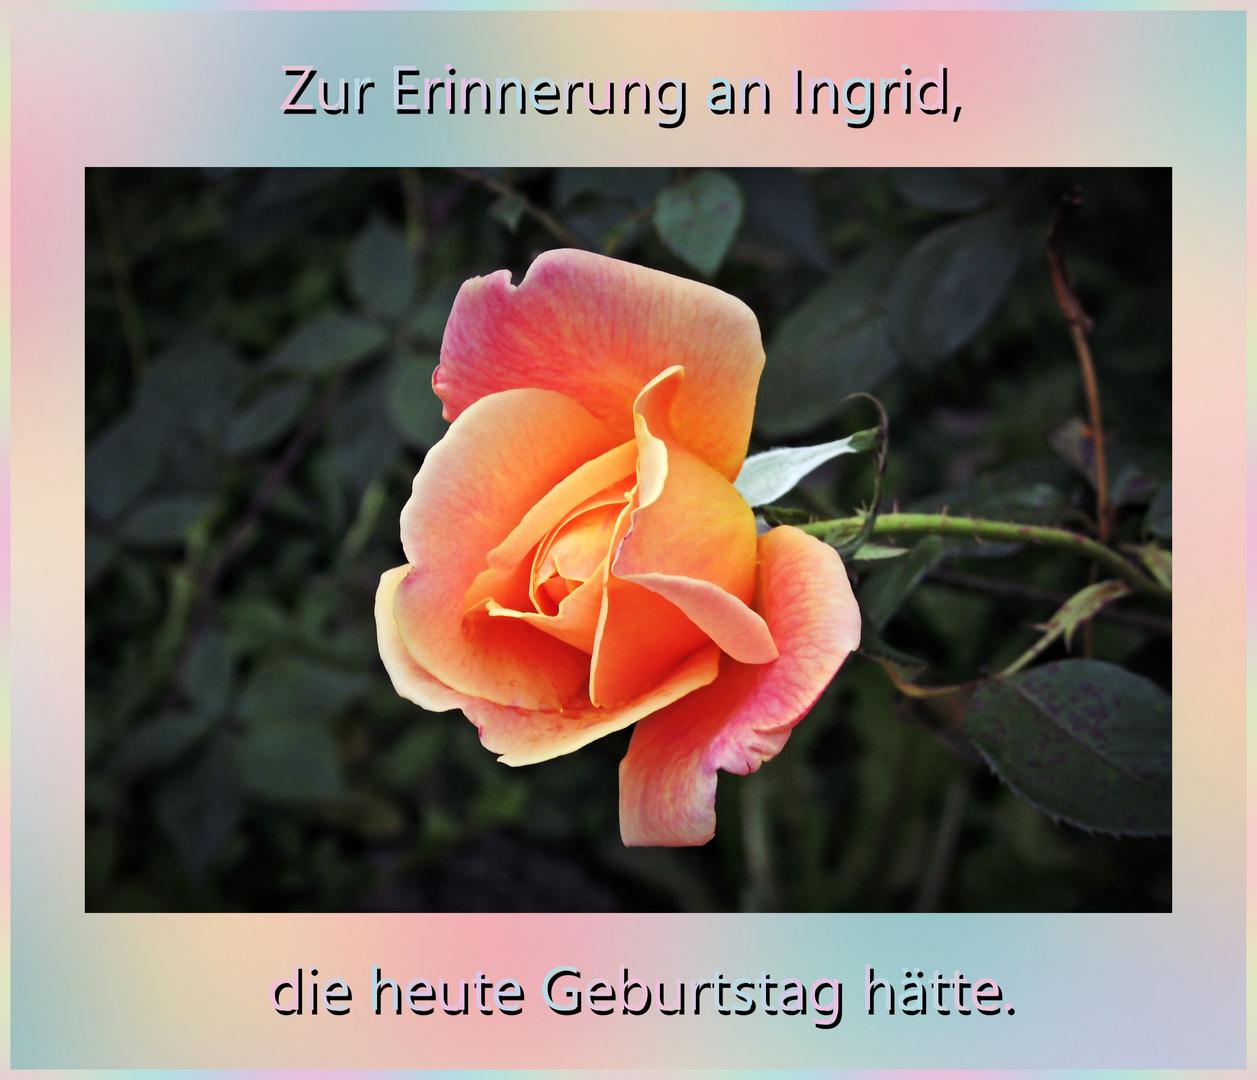 Für Ingrid